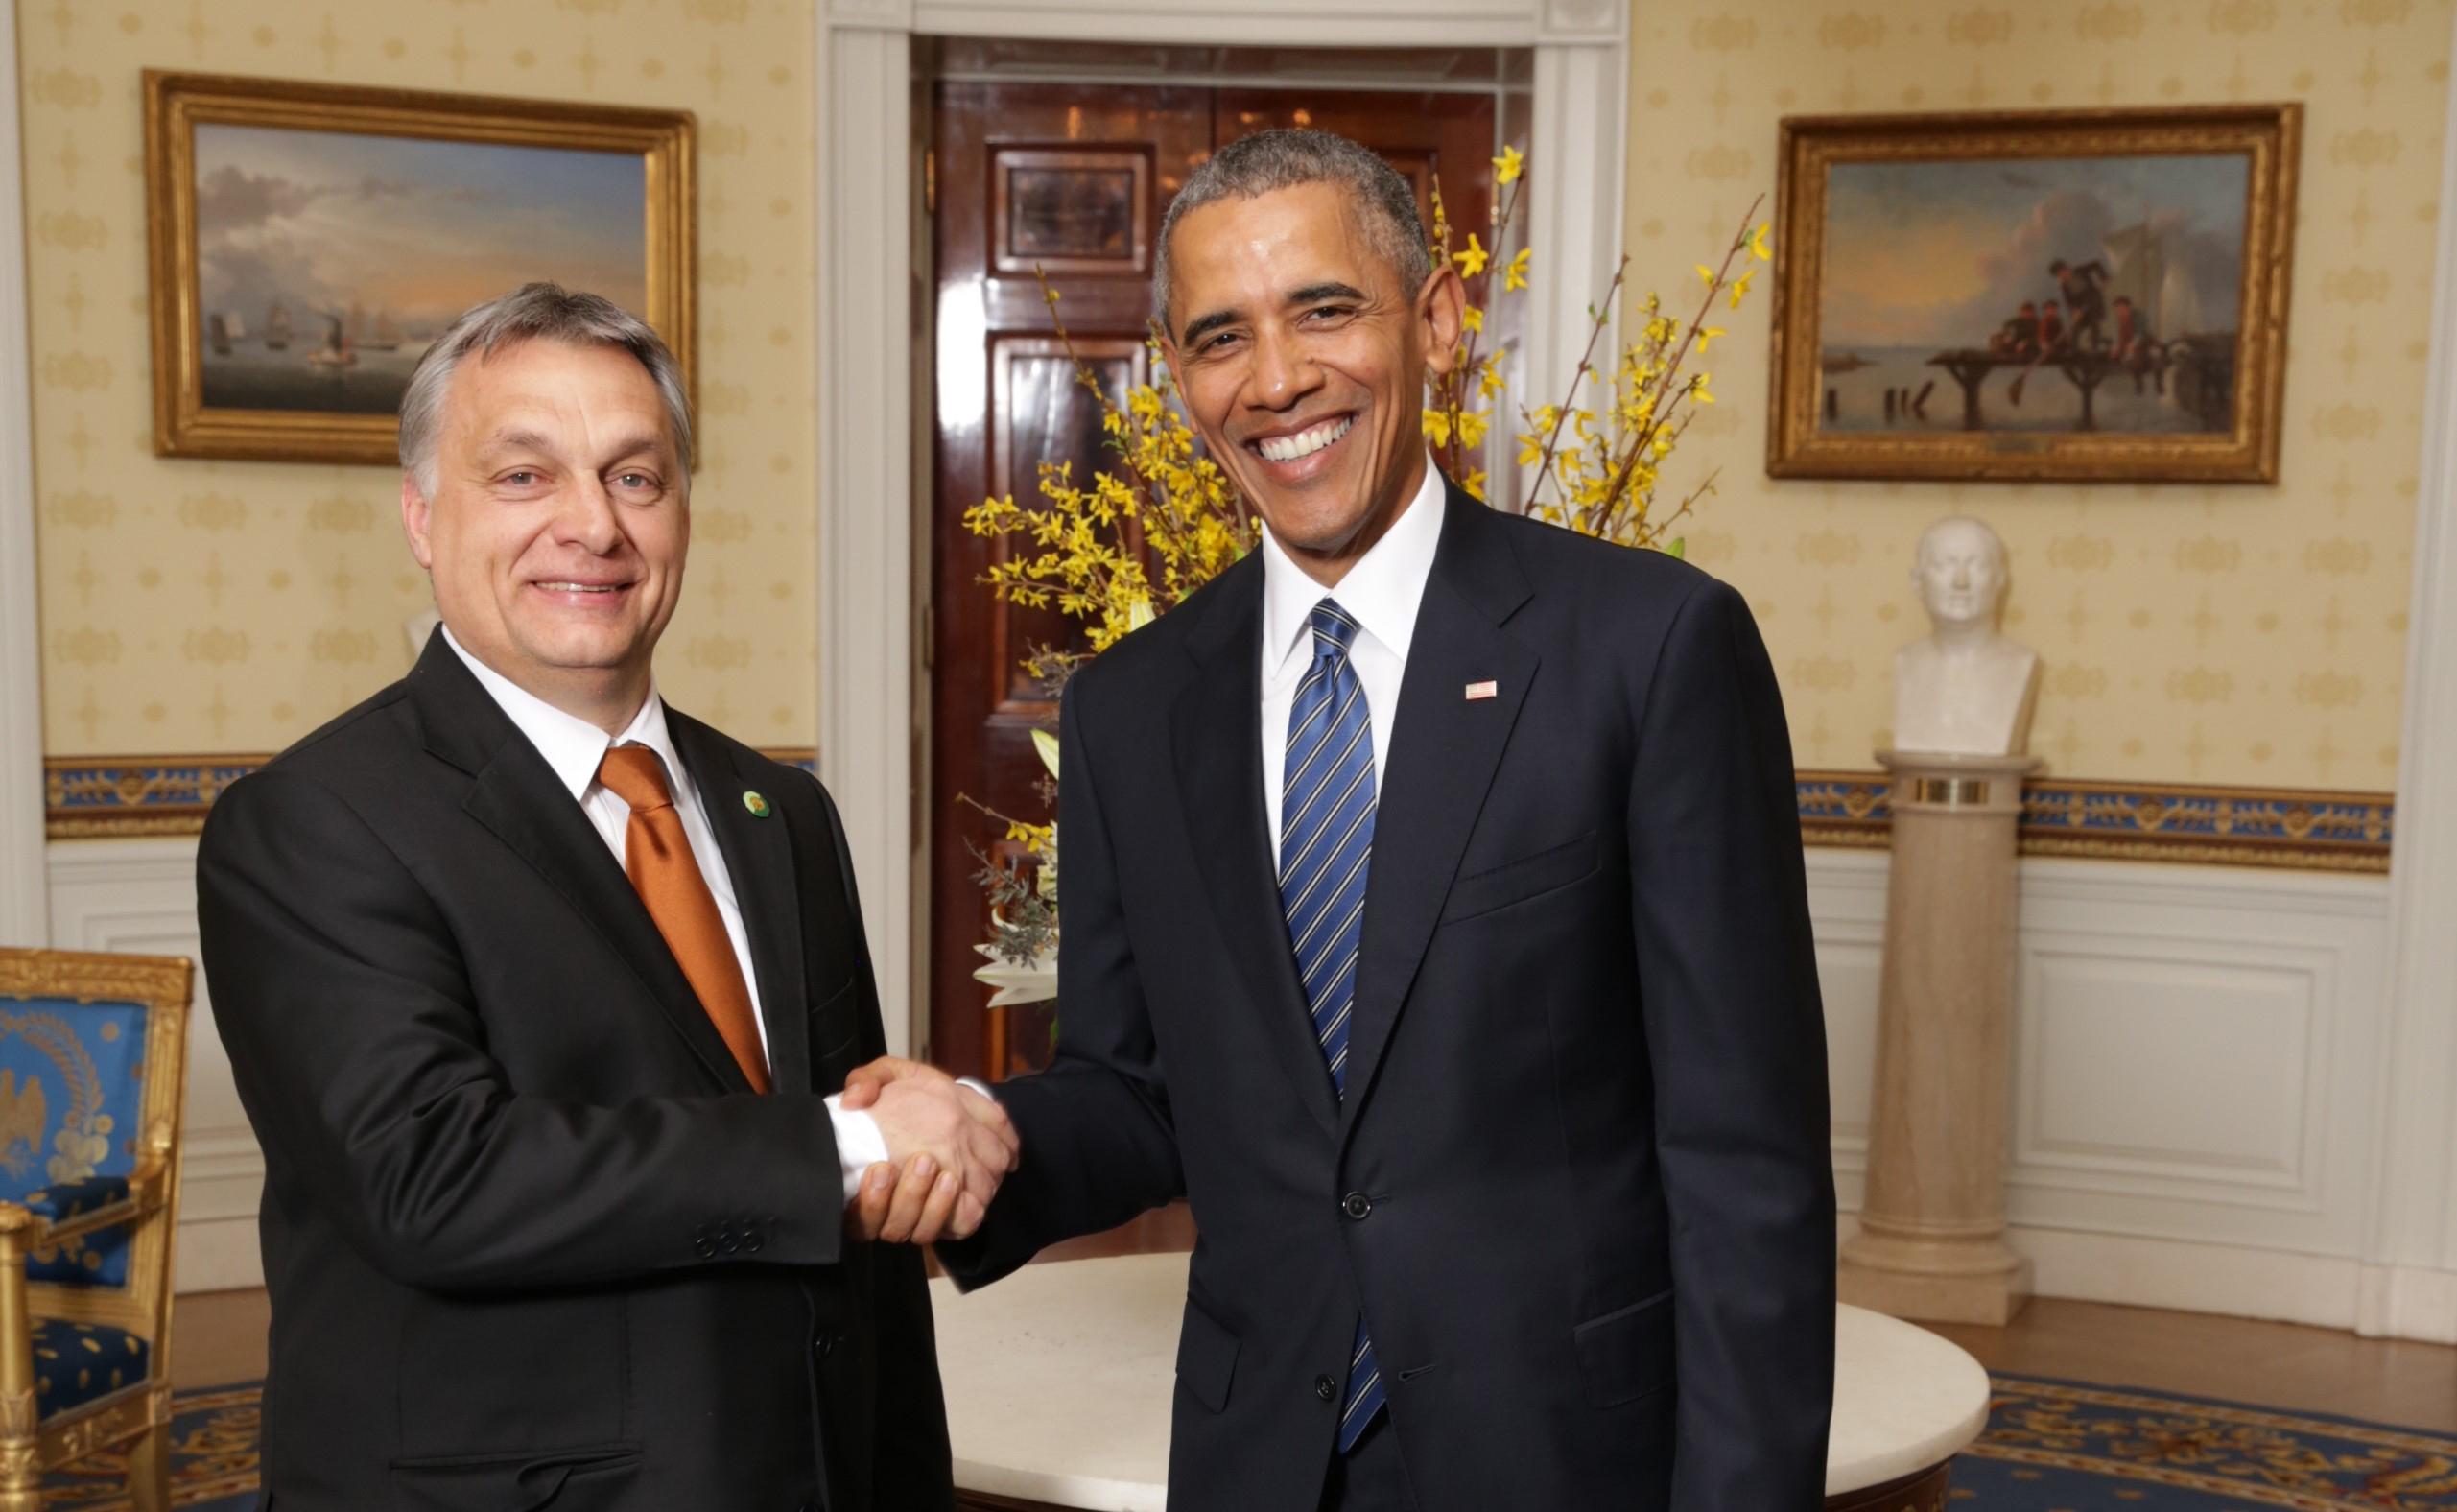 Magyarország 48 millió forintot költött Orbán Viktor és kísérete amerikai útjára